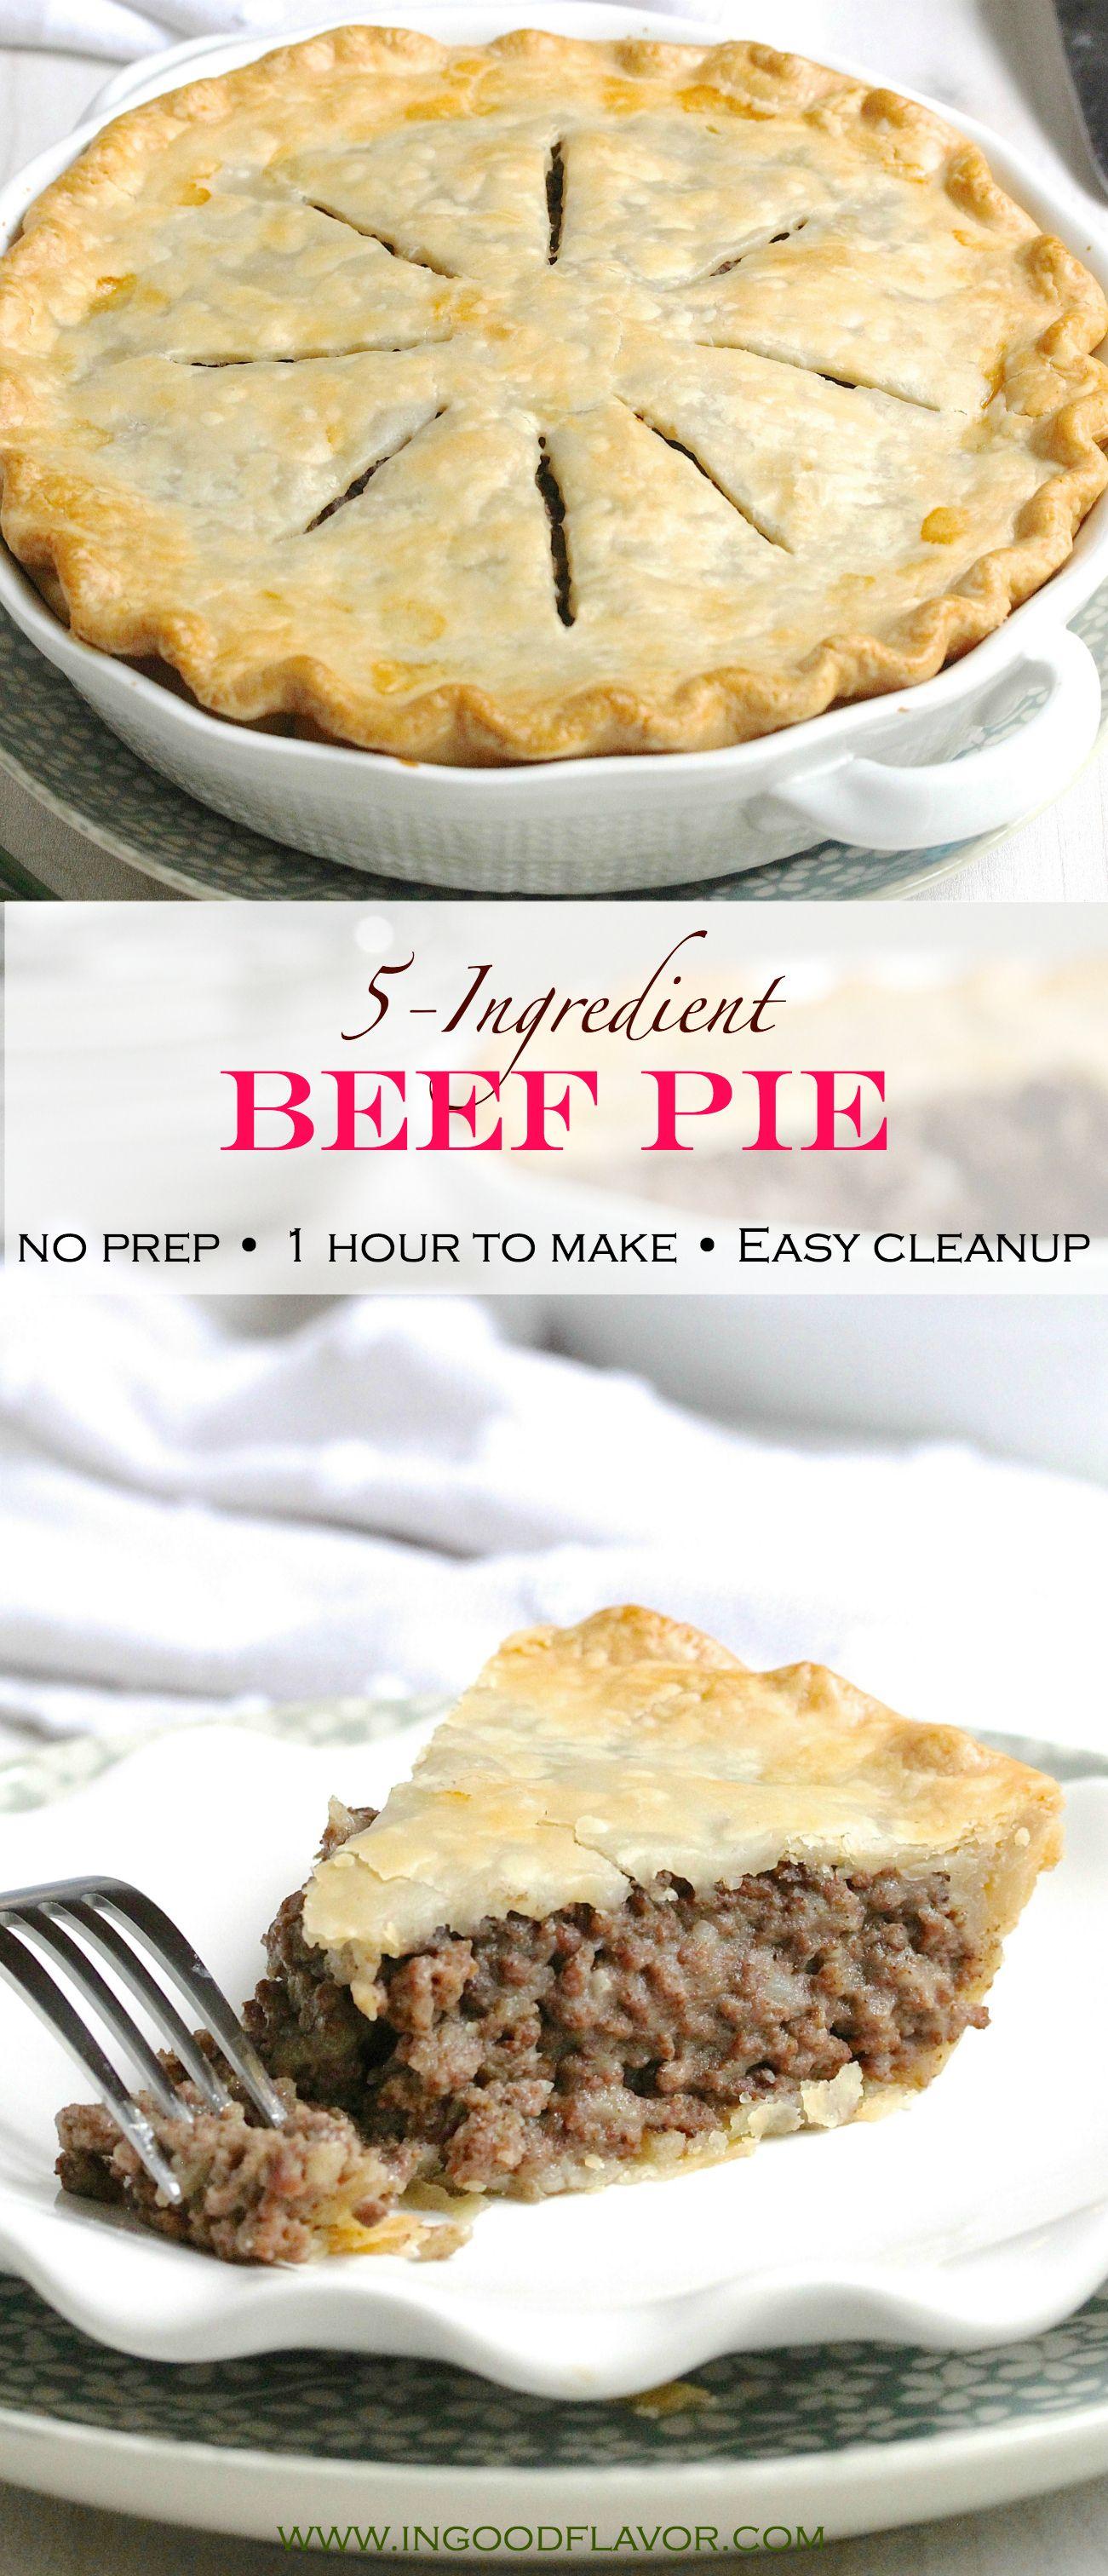 5-Ingredient Beef Pie #beefdishes